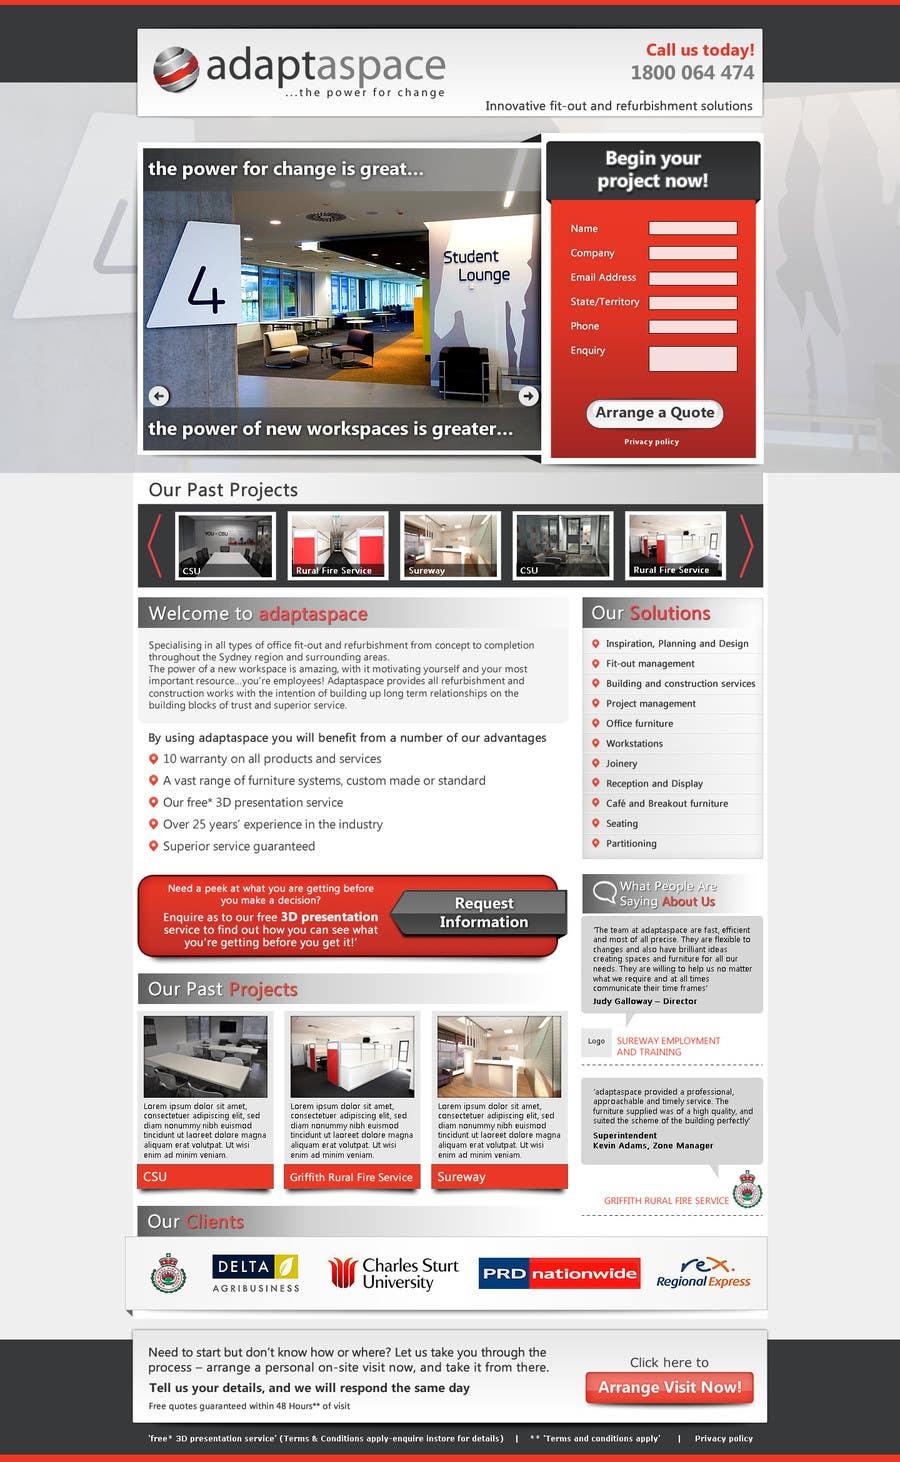 Konkurrenceindlæg #                                        26                                      for                                         Graphic Design for Landing Page